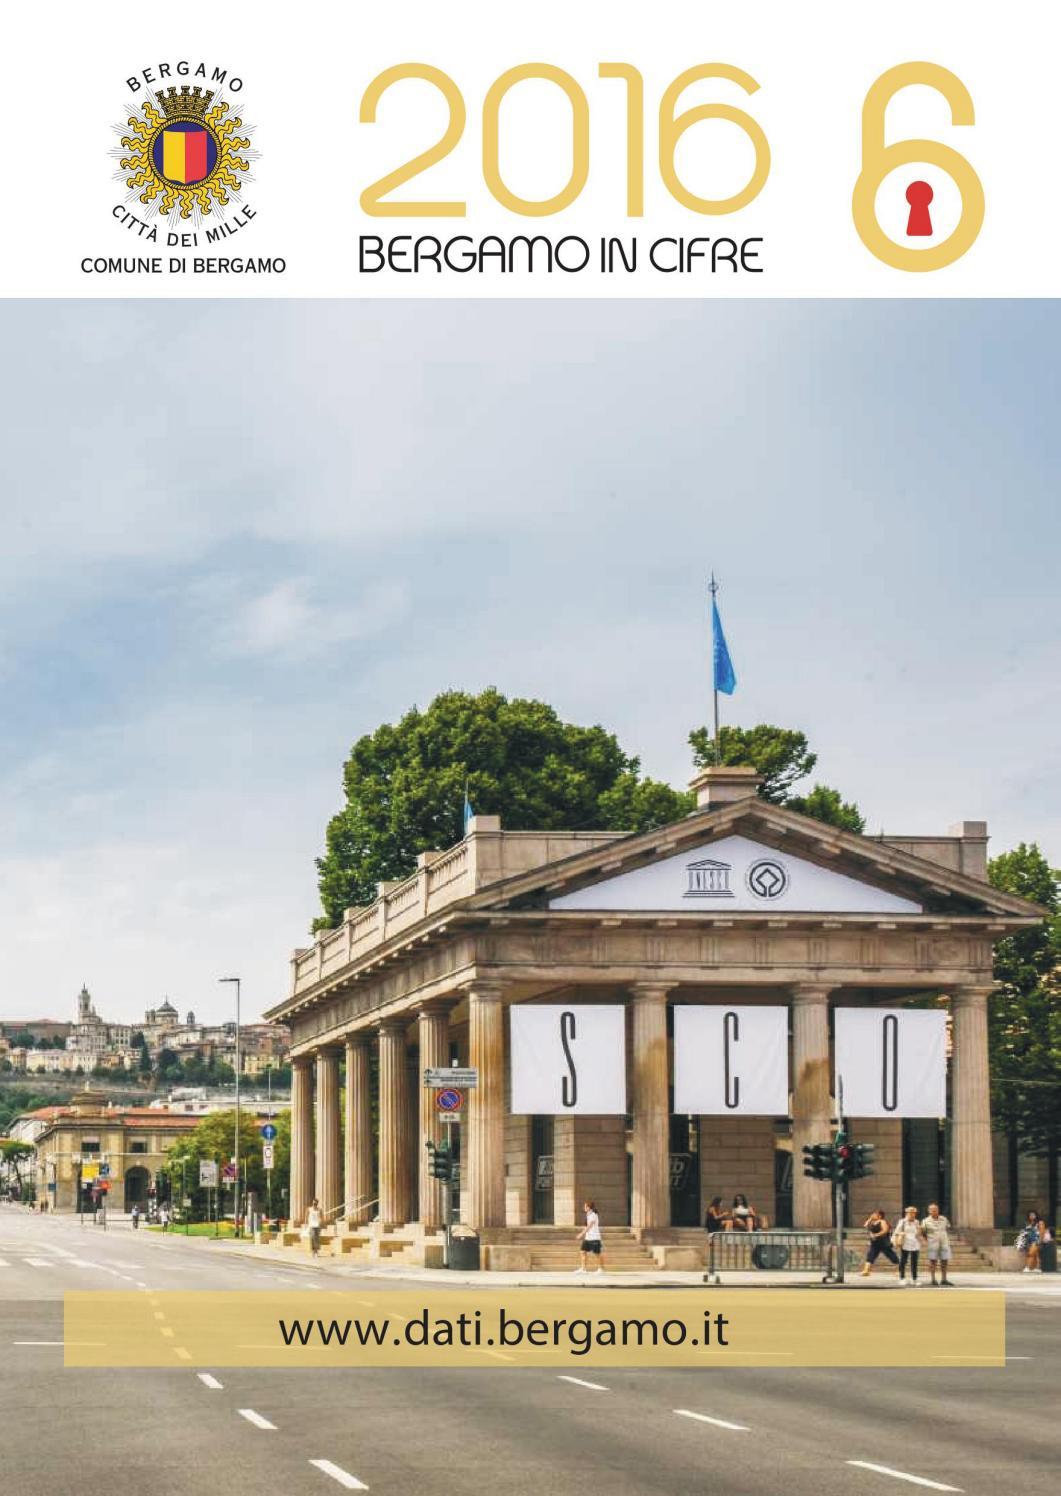 Bergamo in Cifre 2016 by Comune di Bergamo - Issuu